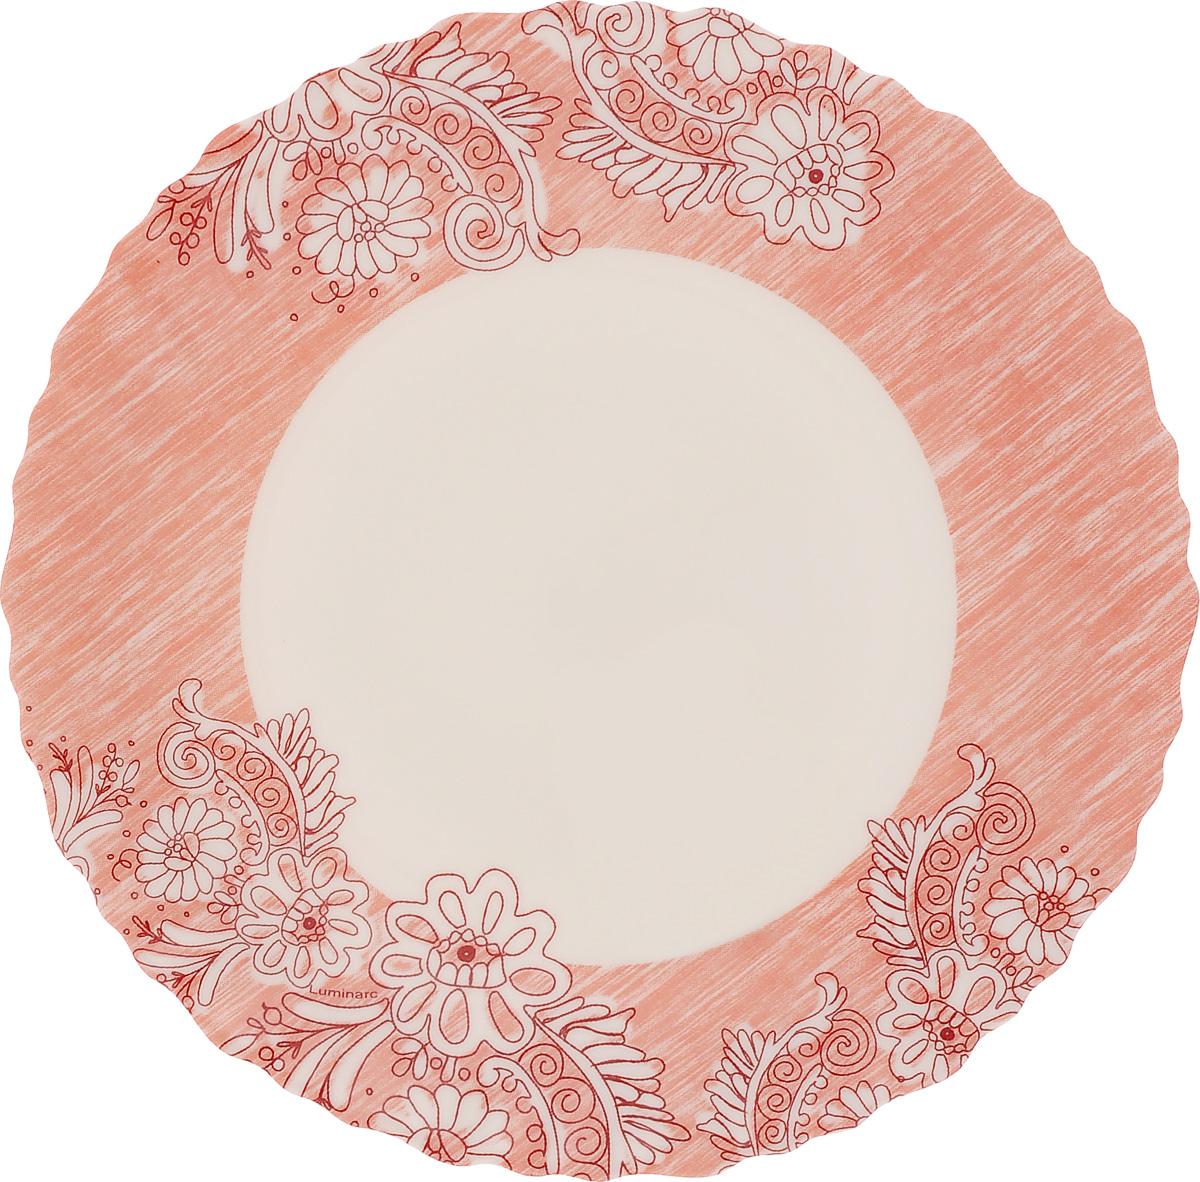 Тарелка десертная Luminarc Minelli, цвет: розовый, белый, диаметр 18,5 см115010Десертная тарелка Luminarc Minelli, изготовленная из ударопрочного стекла, декорирована ярким рисунком. Такая тарелка прекрасно подходит как для торжественных случаев, так и для повседневного использования. Идеальна для подачи десертов, пирожных, тортов и многого другого. Она прекрасно оформит стол и станет отличным дополнением к вашей коллекции кухонной посуды. Диаметр тарелки (по верхнему краю): 18,5 см.